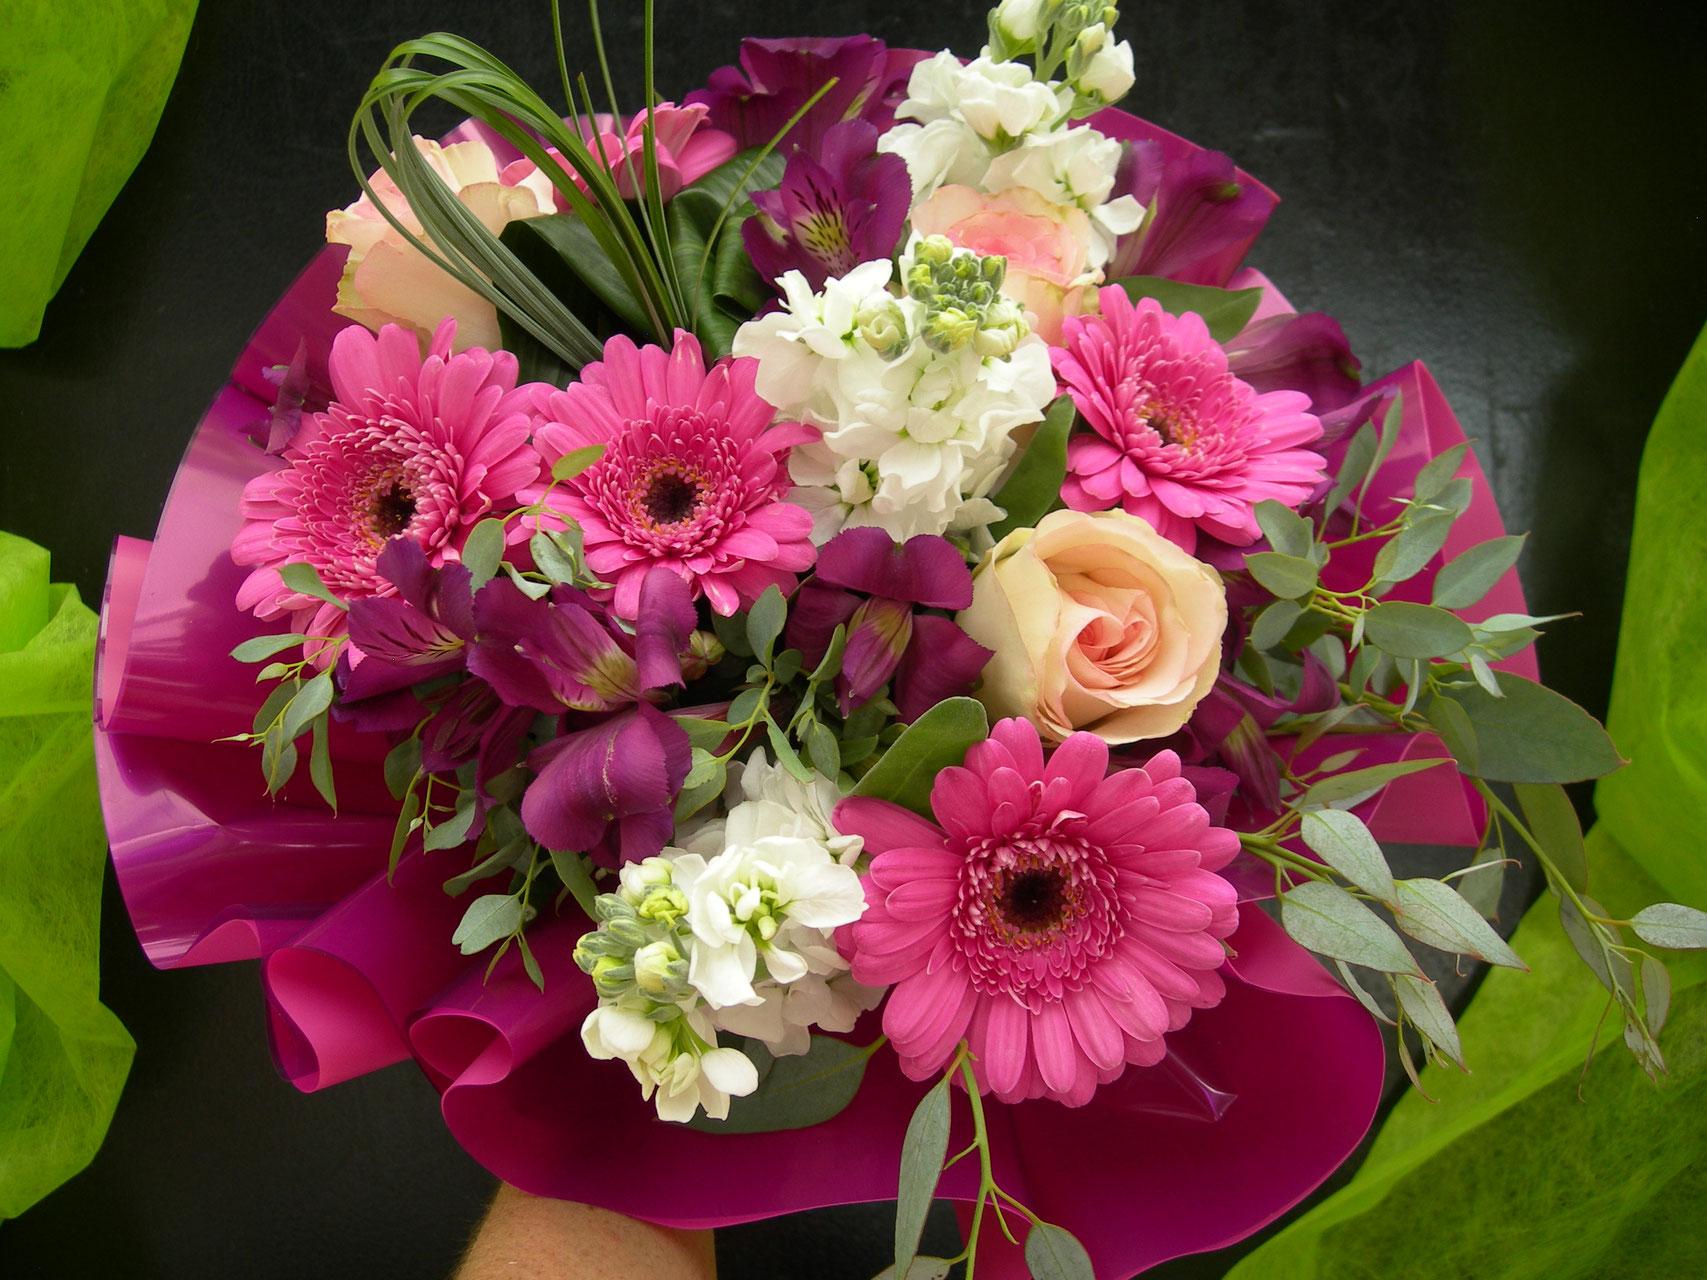 les bouquets bulles ronds - le clos des roses - fleuriste près de saumur